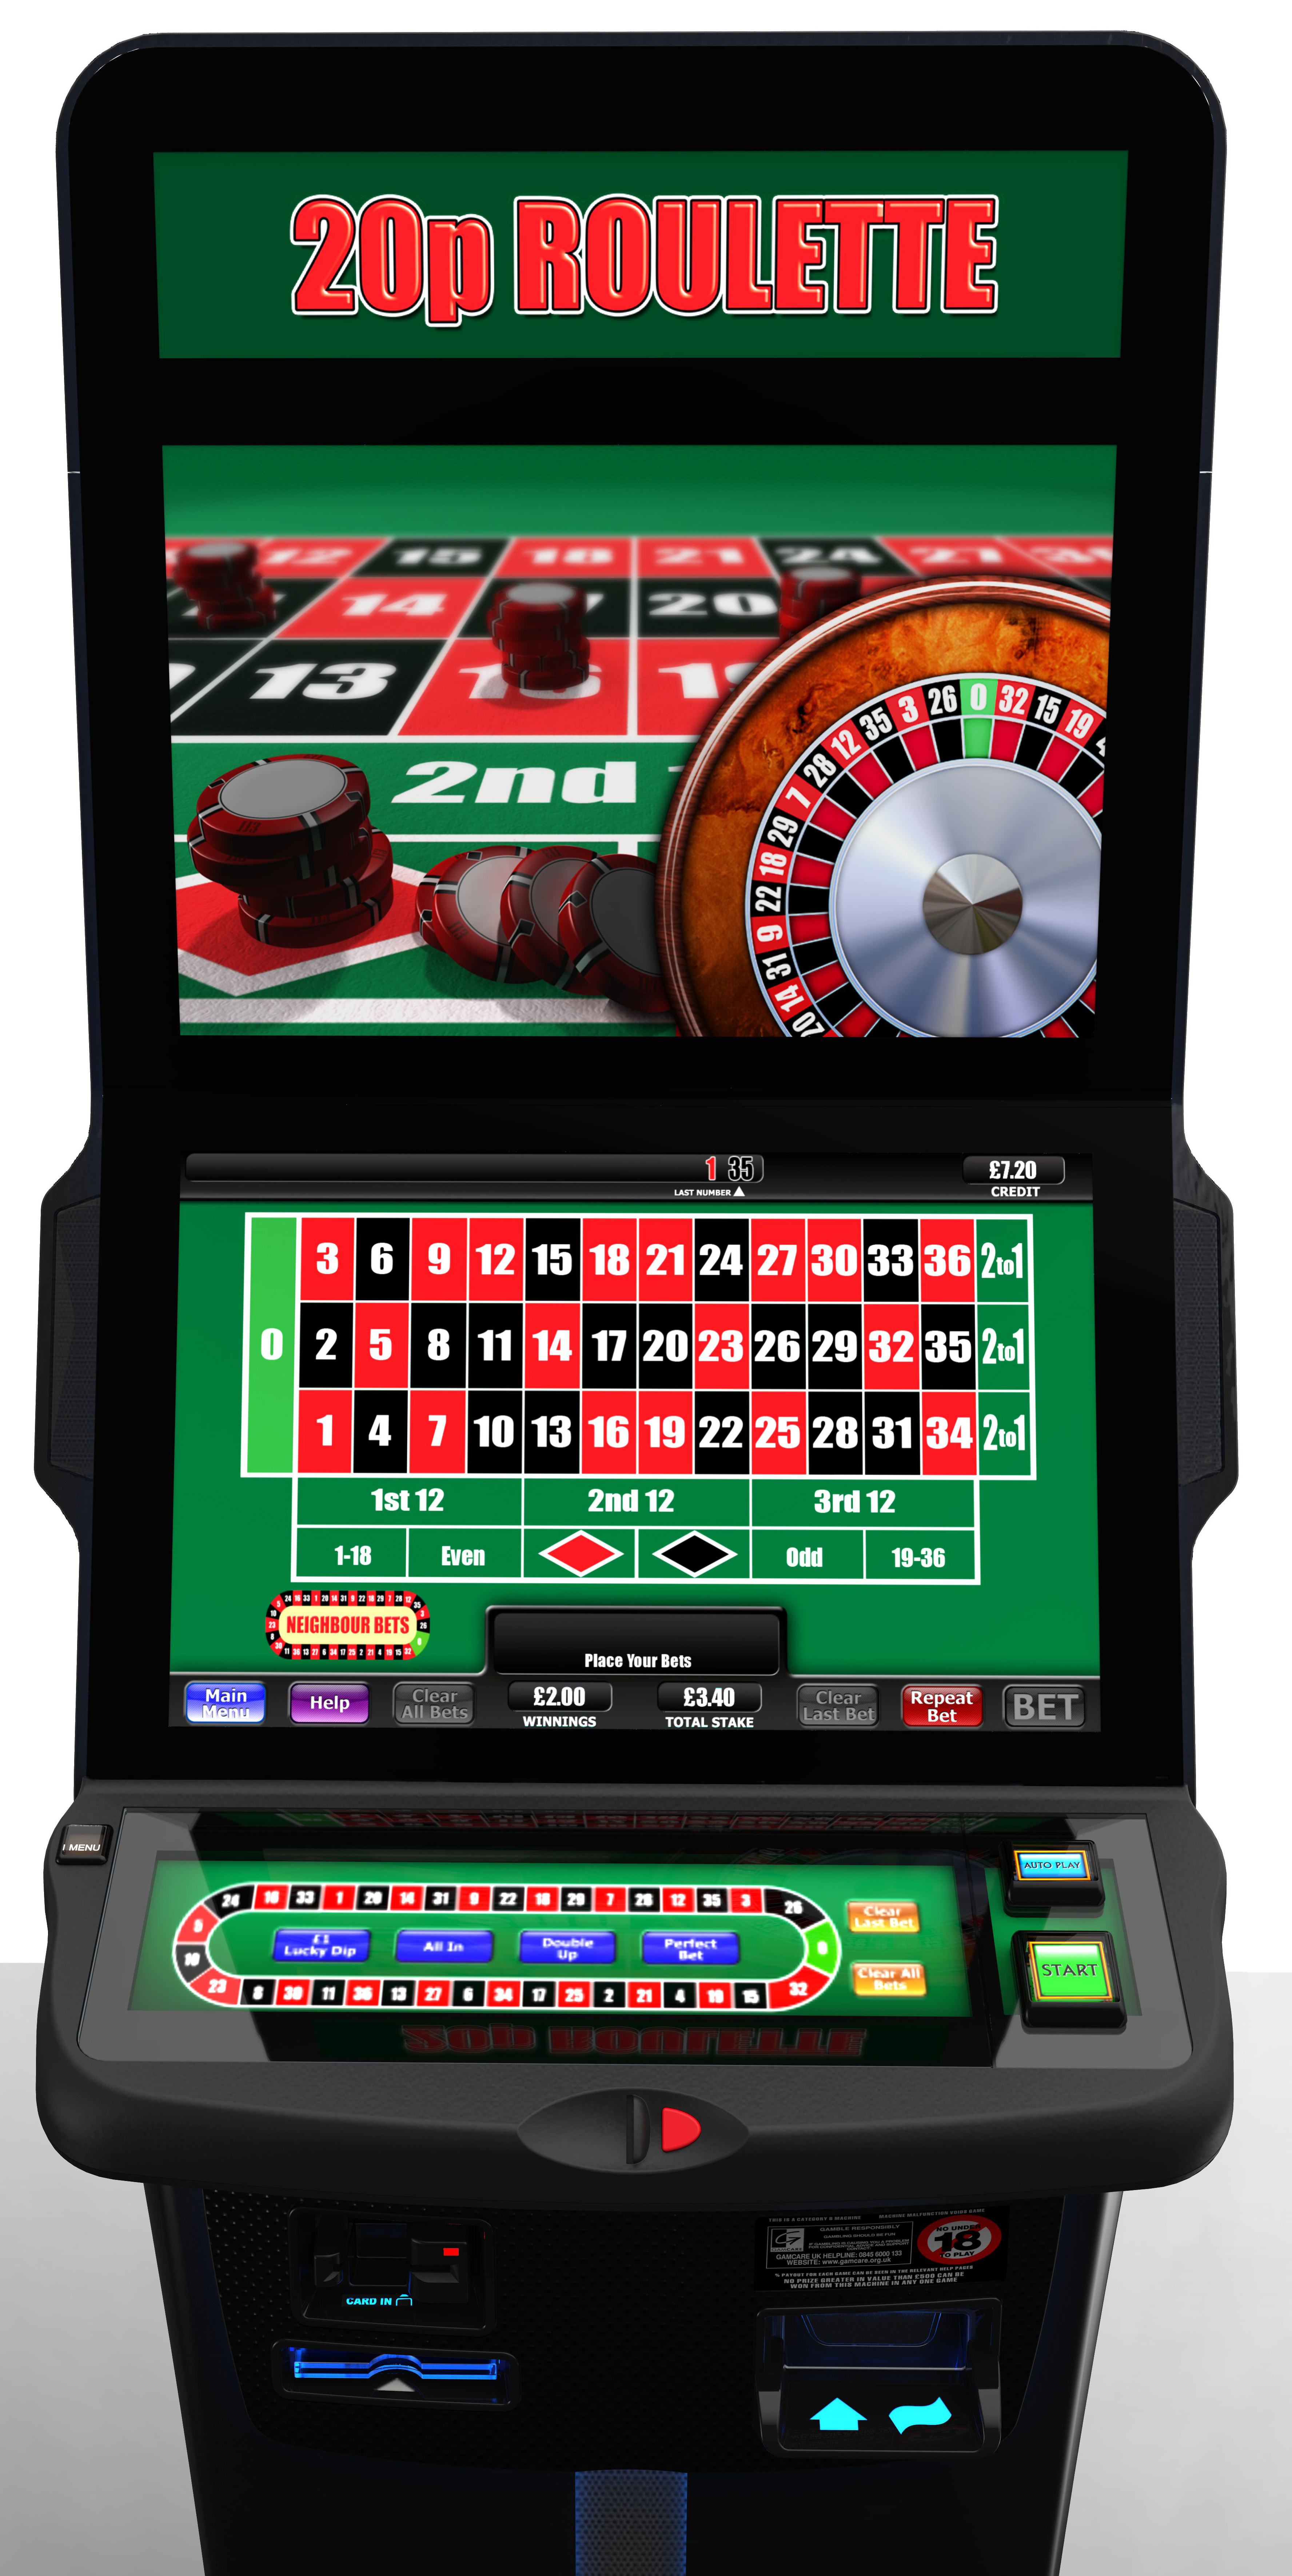 Ifc gambling